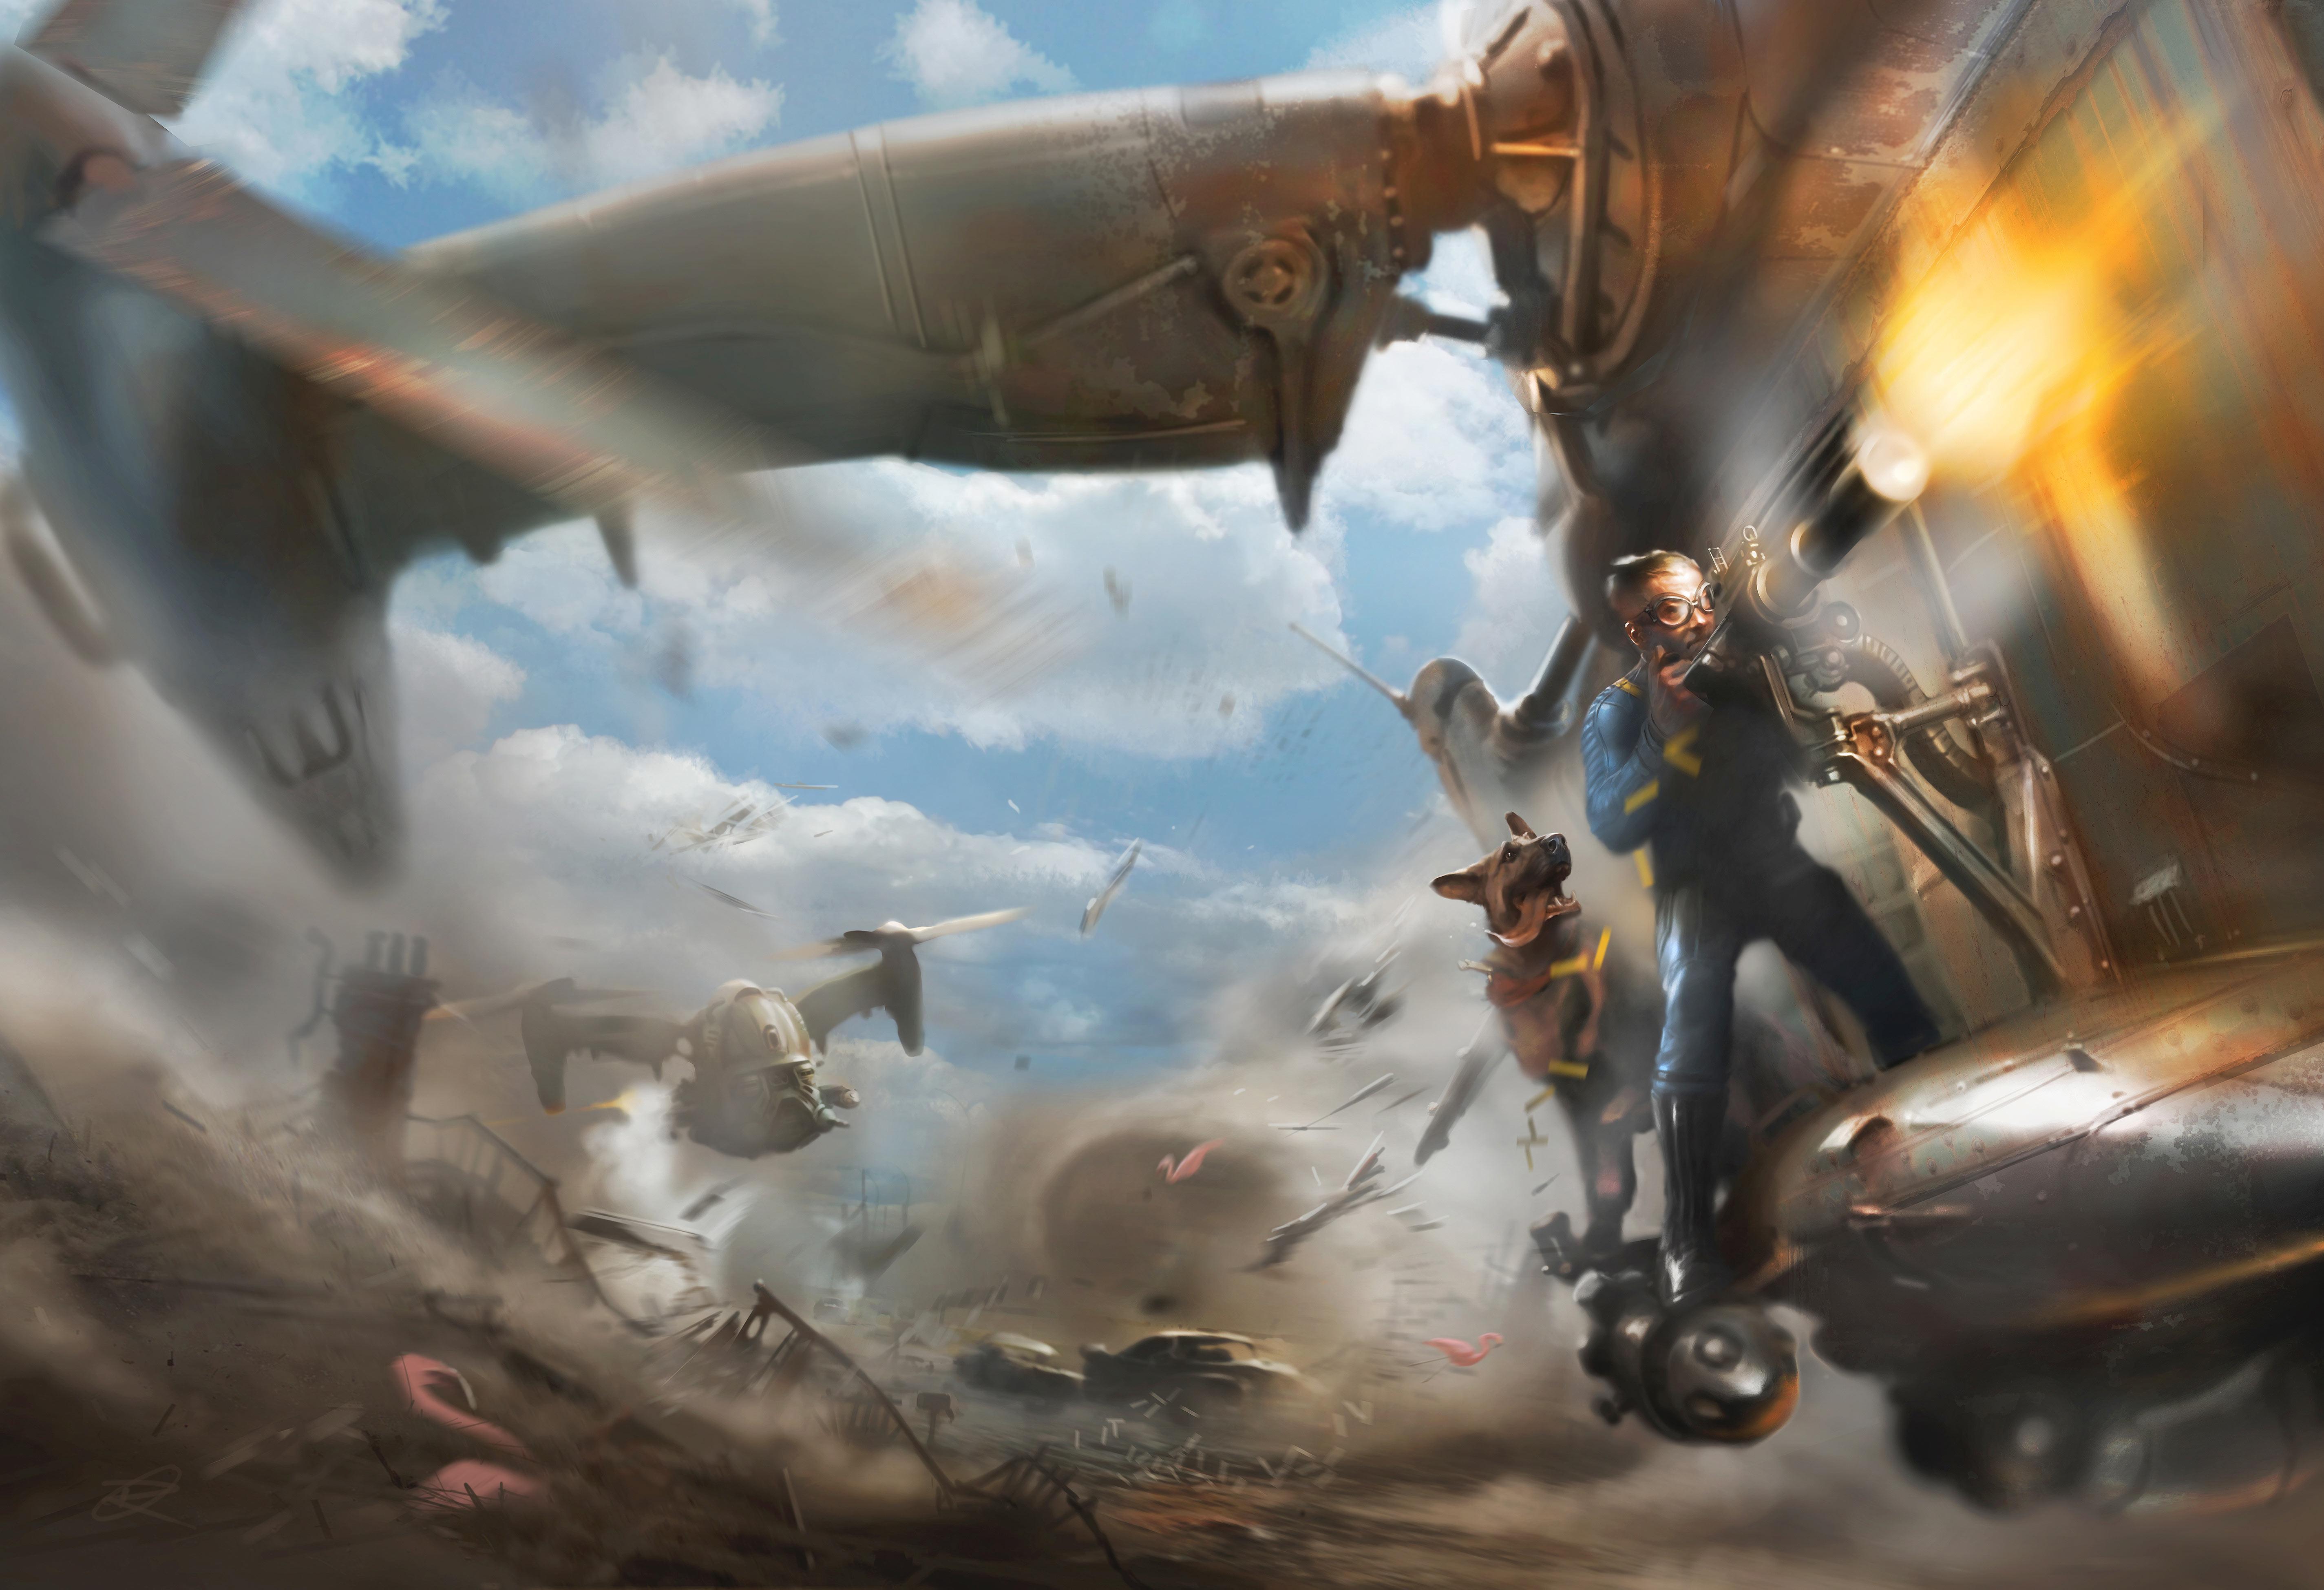 Fallout clipart pib (PC/PS4/XB1) (Vive) Fallout 4 VR